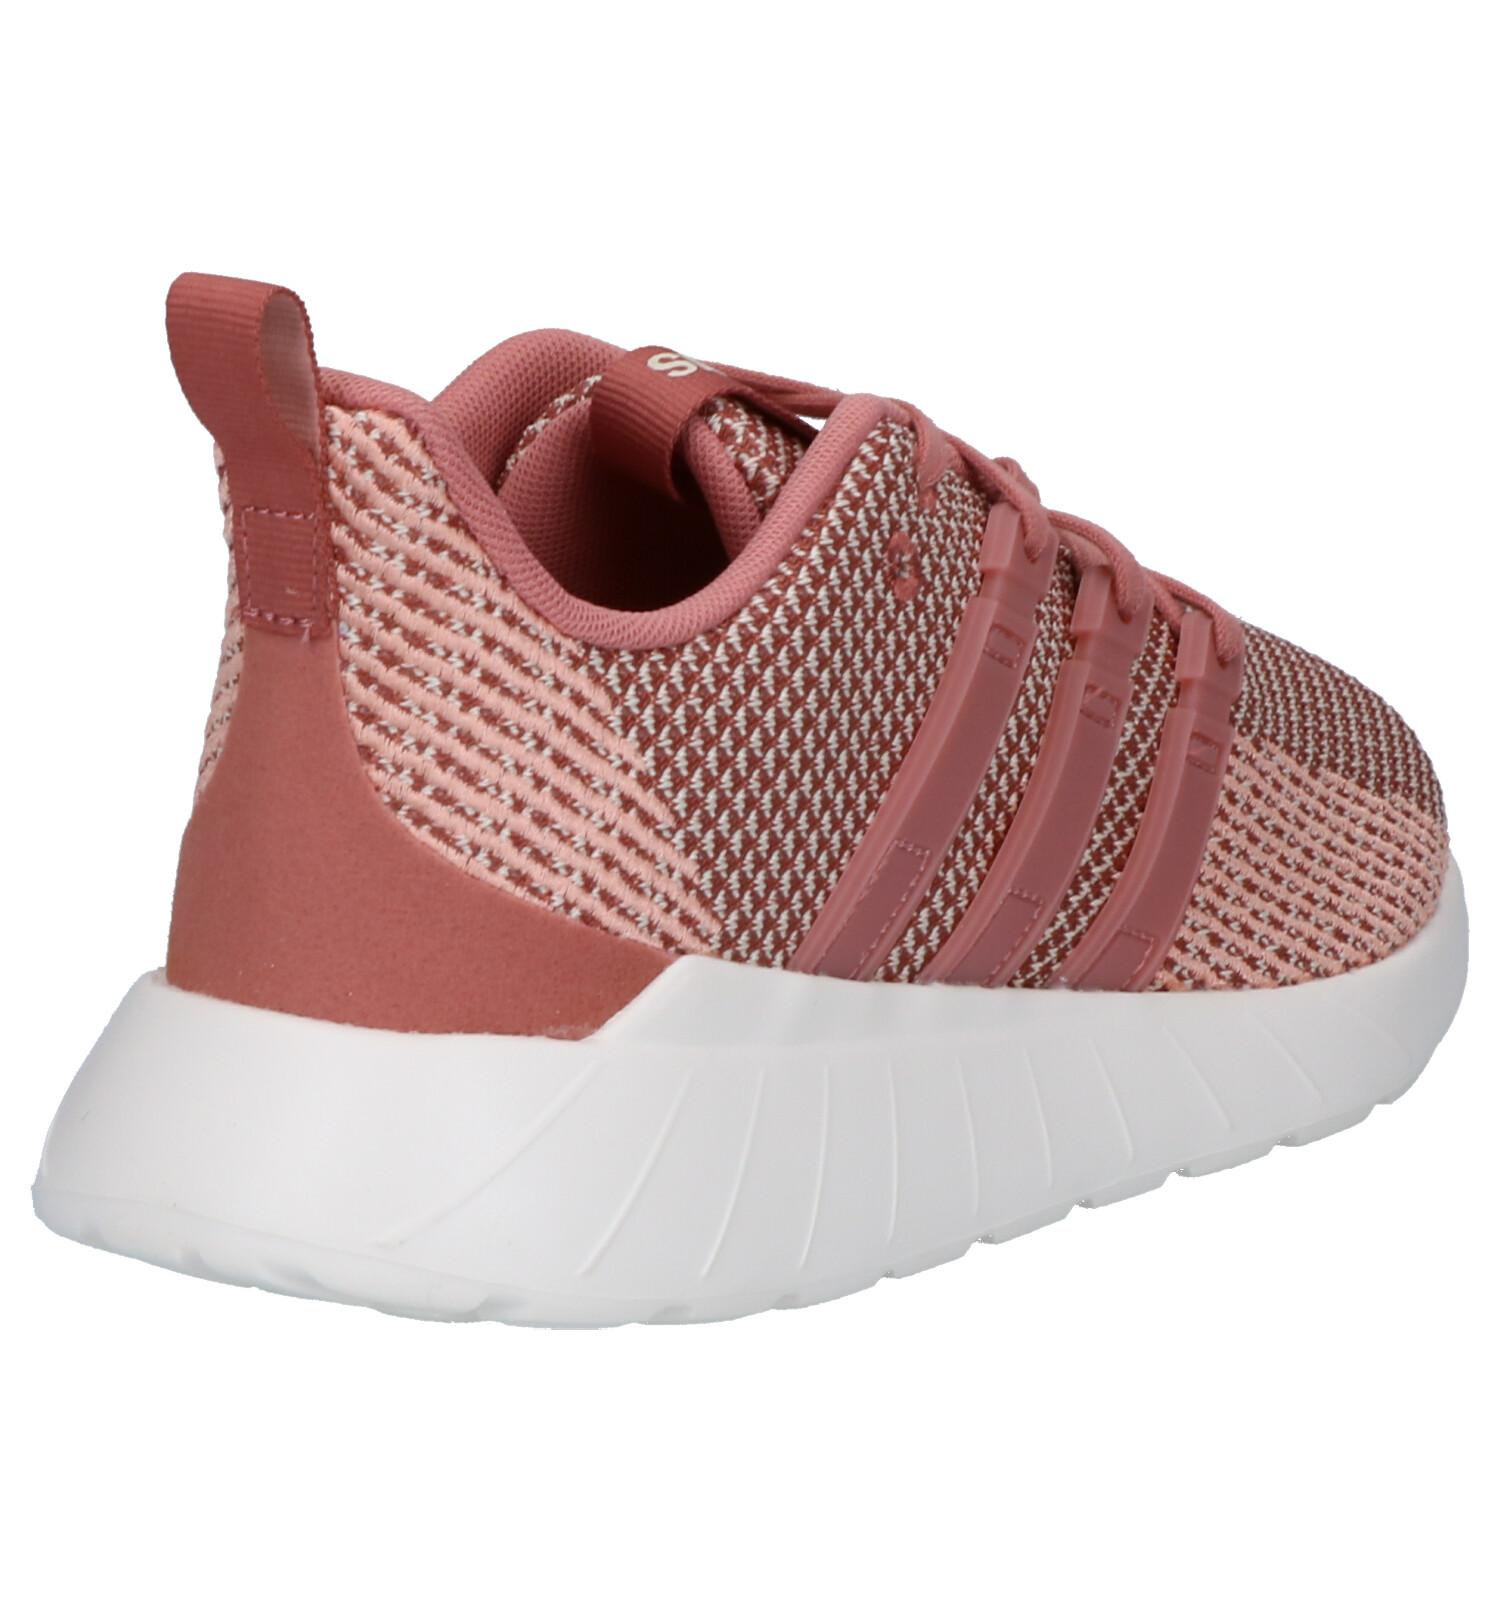 Flow Roze Questar Adidas Adidas Flow Sneakers Questar Roze WDE9Ie2HY